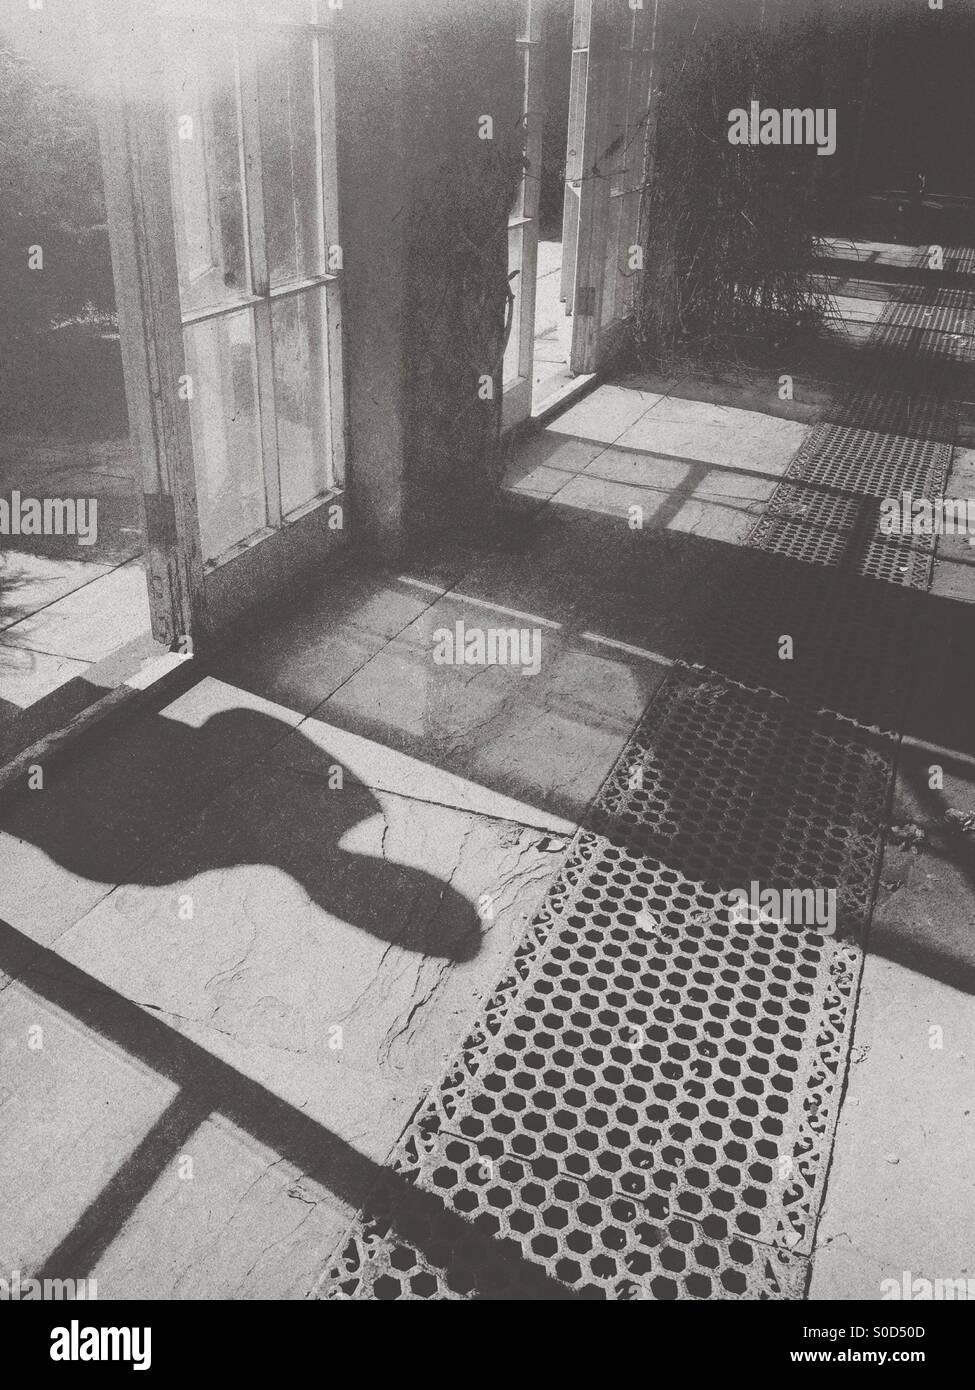 Ombra di una persona attraverso una finestra Immagini Stock